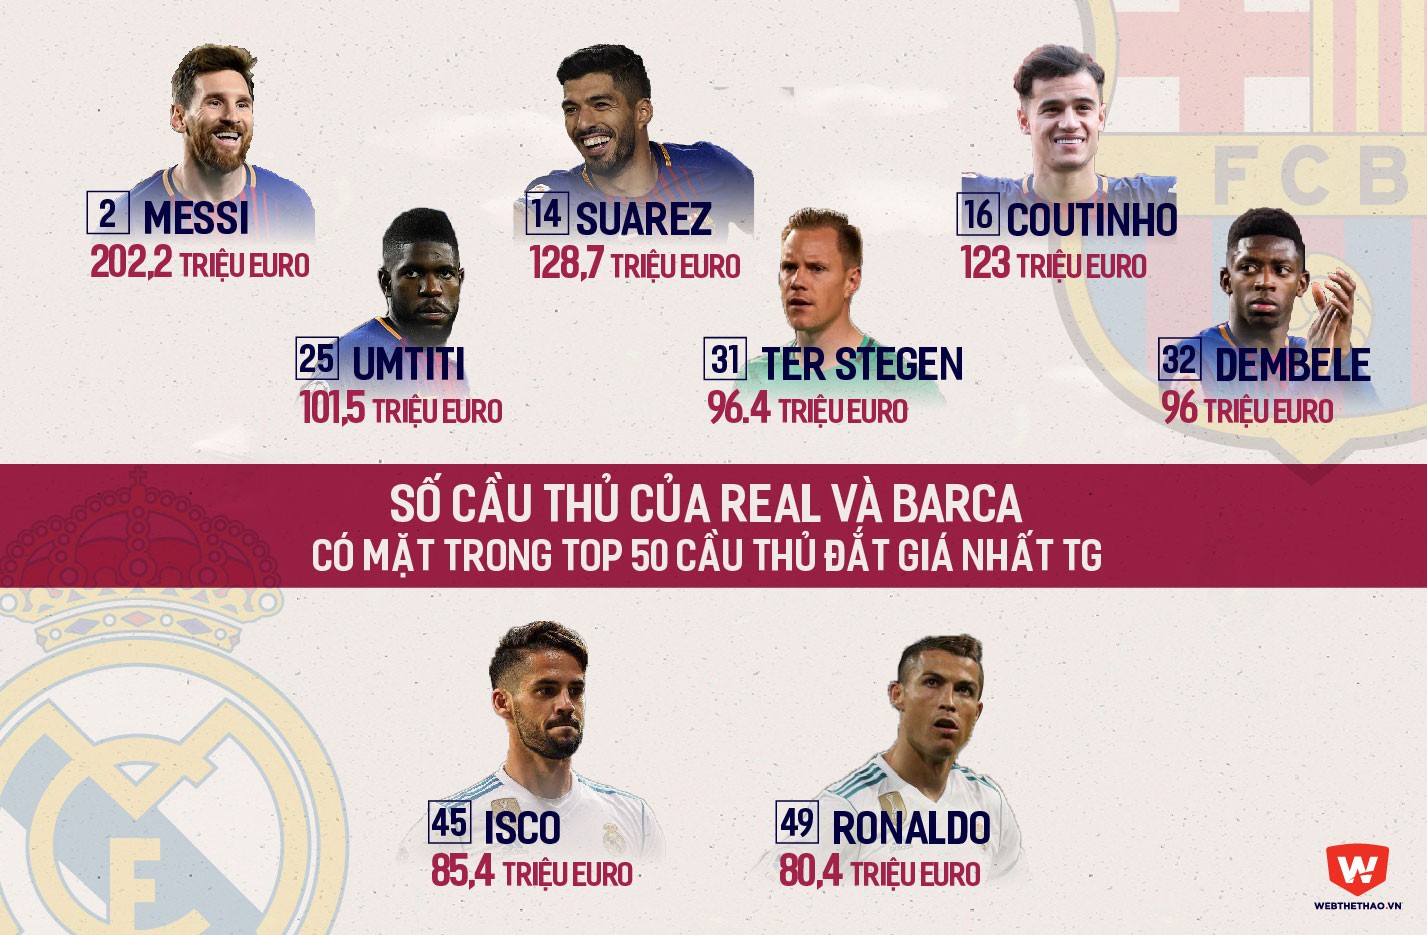 Hình ảnh: Real thua kém Barca về số cầu thủ trong TOP 50 ''Cầu thủ đắt giá nhất TG''